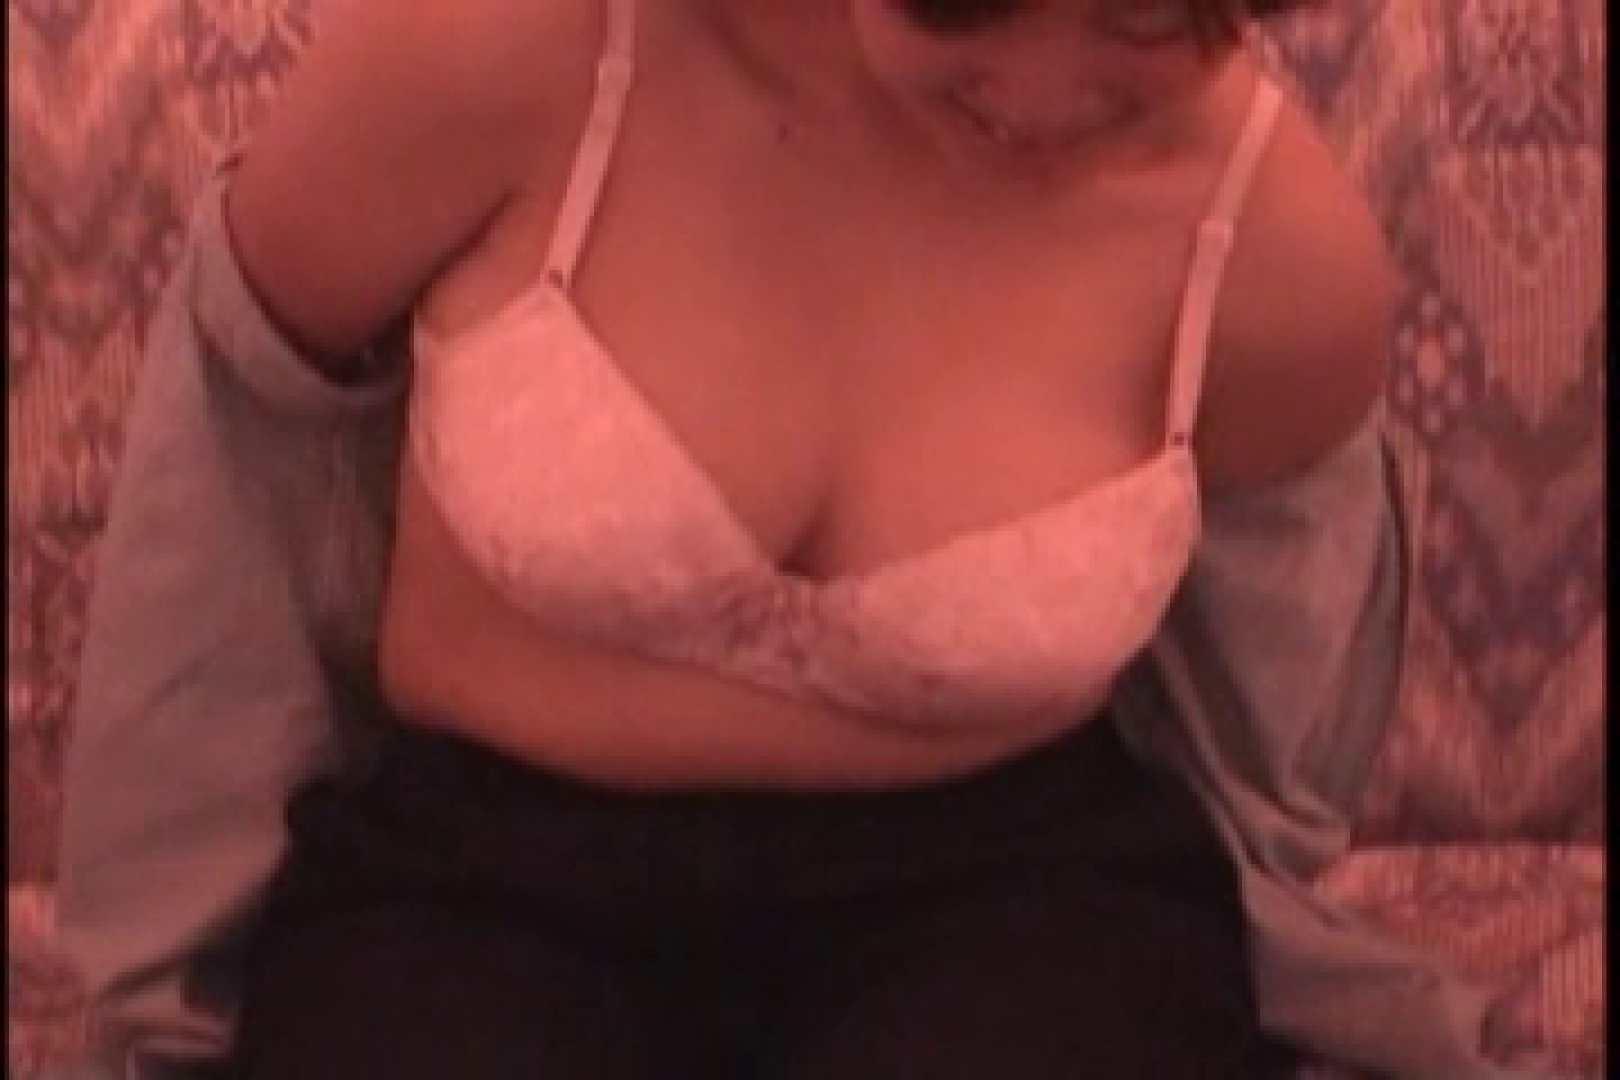 長野援助 かおりちゃん18歳 おっぱい  55pic 9